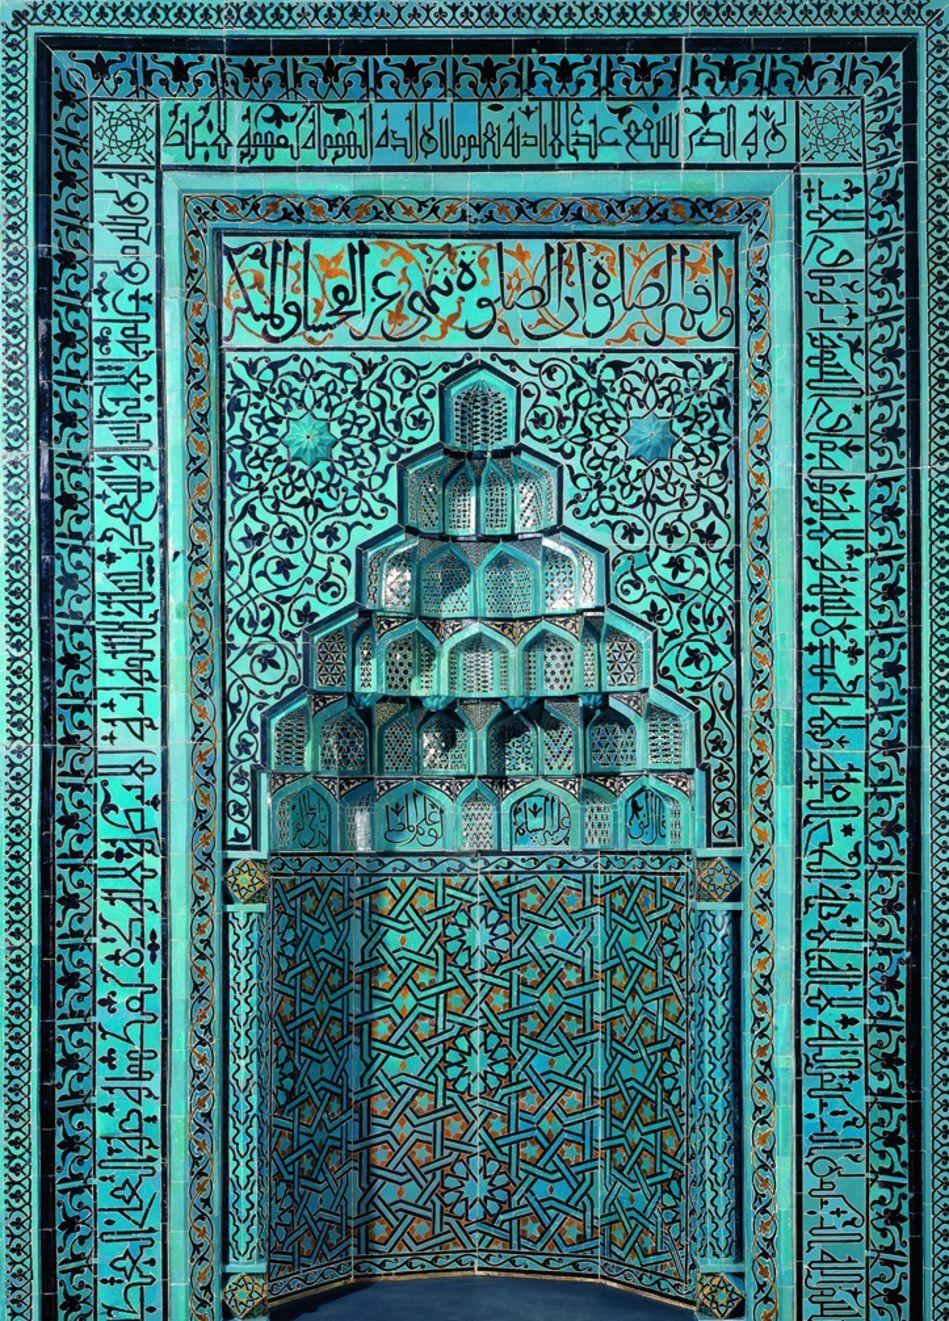 Pin by Fatima on Islamic / Arabic Design   Islamic art, Islamic art pattern, Islamic architecture